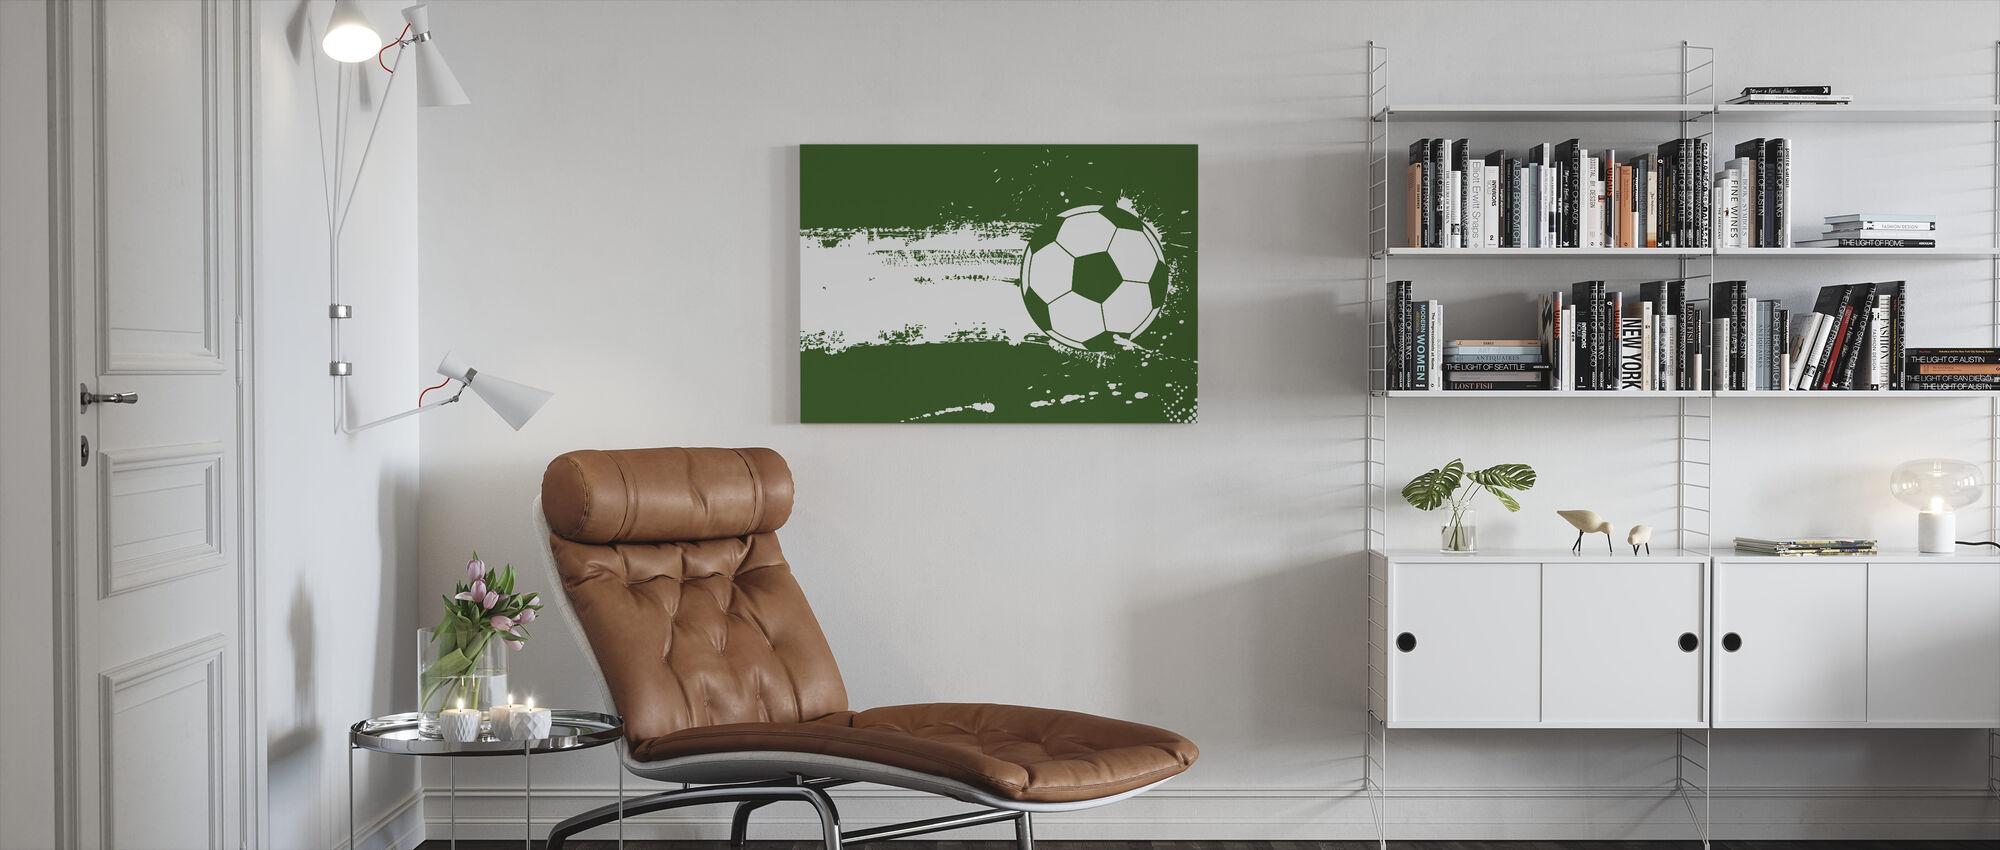 Vihreä jalkapallo - Canvastaulu - Olohuone